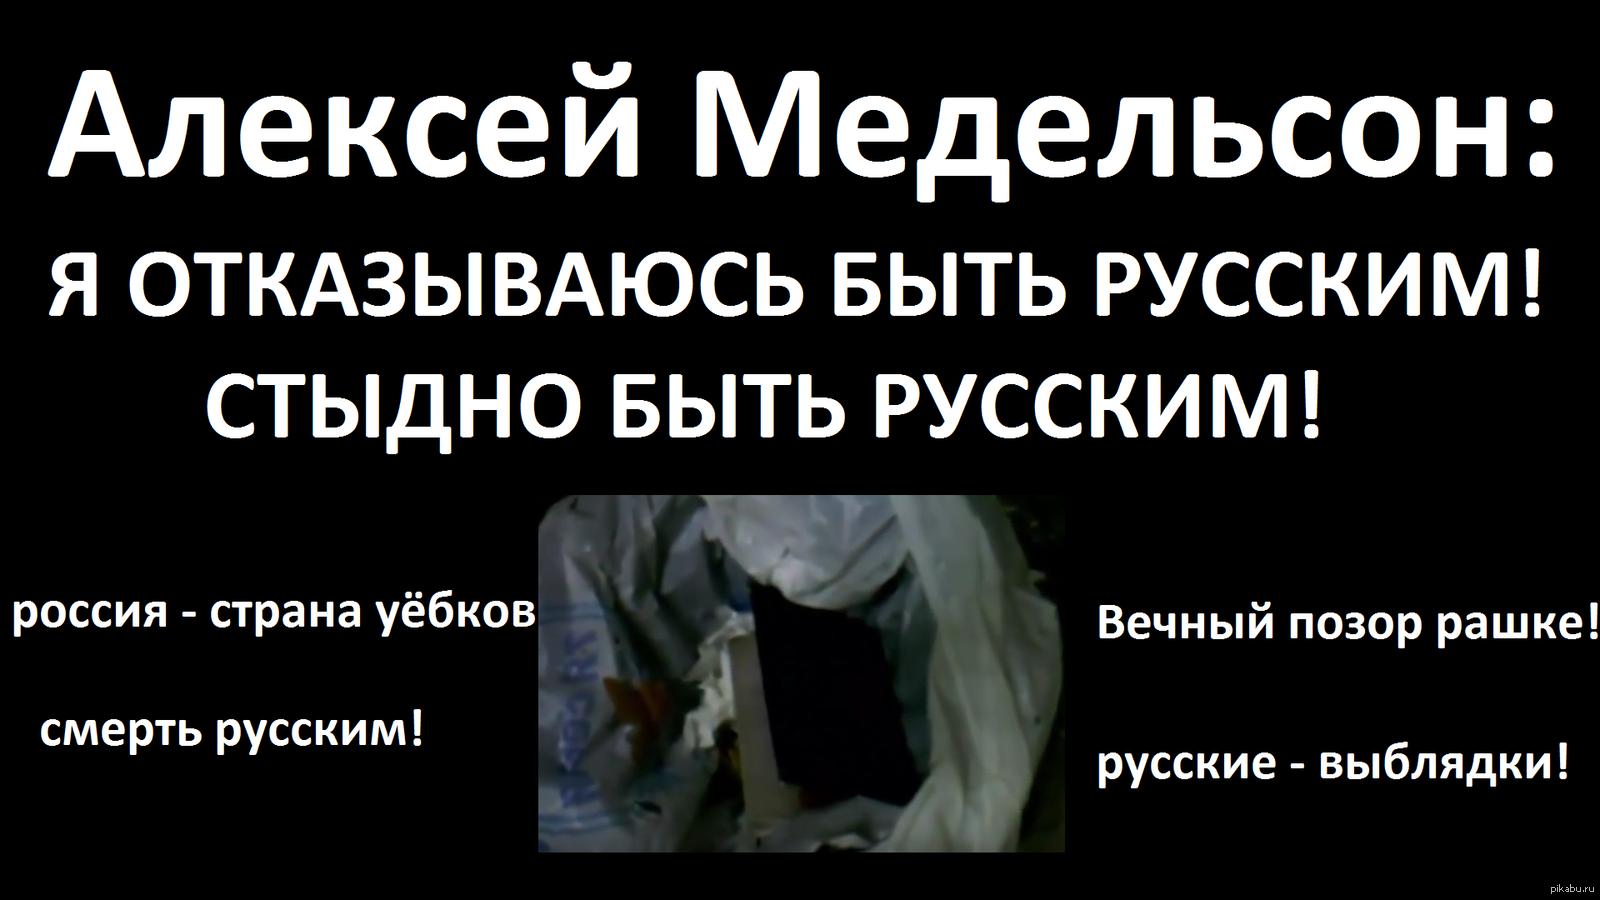 """""""Книгу памяти"""", посвященную погибшим на Донбассе украинским военнослужащим, презентовали в Днепре - Цензор.НЕТ 3776"""